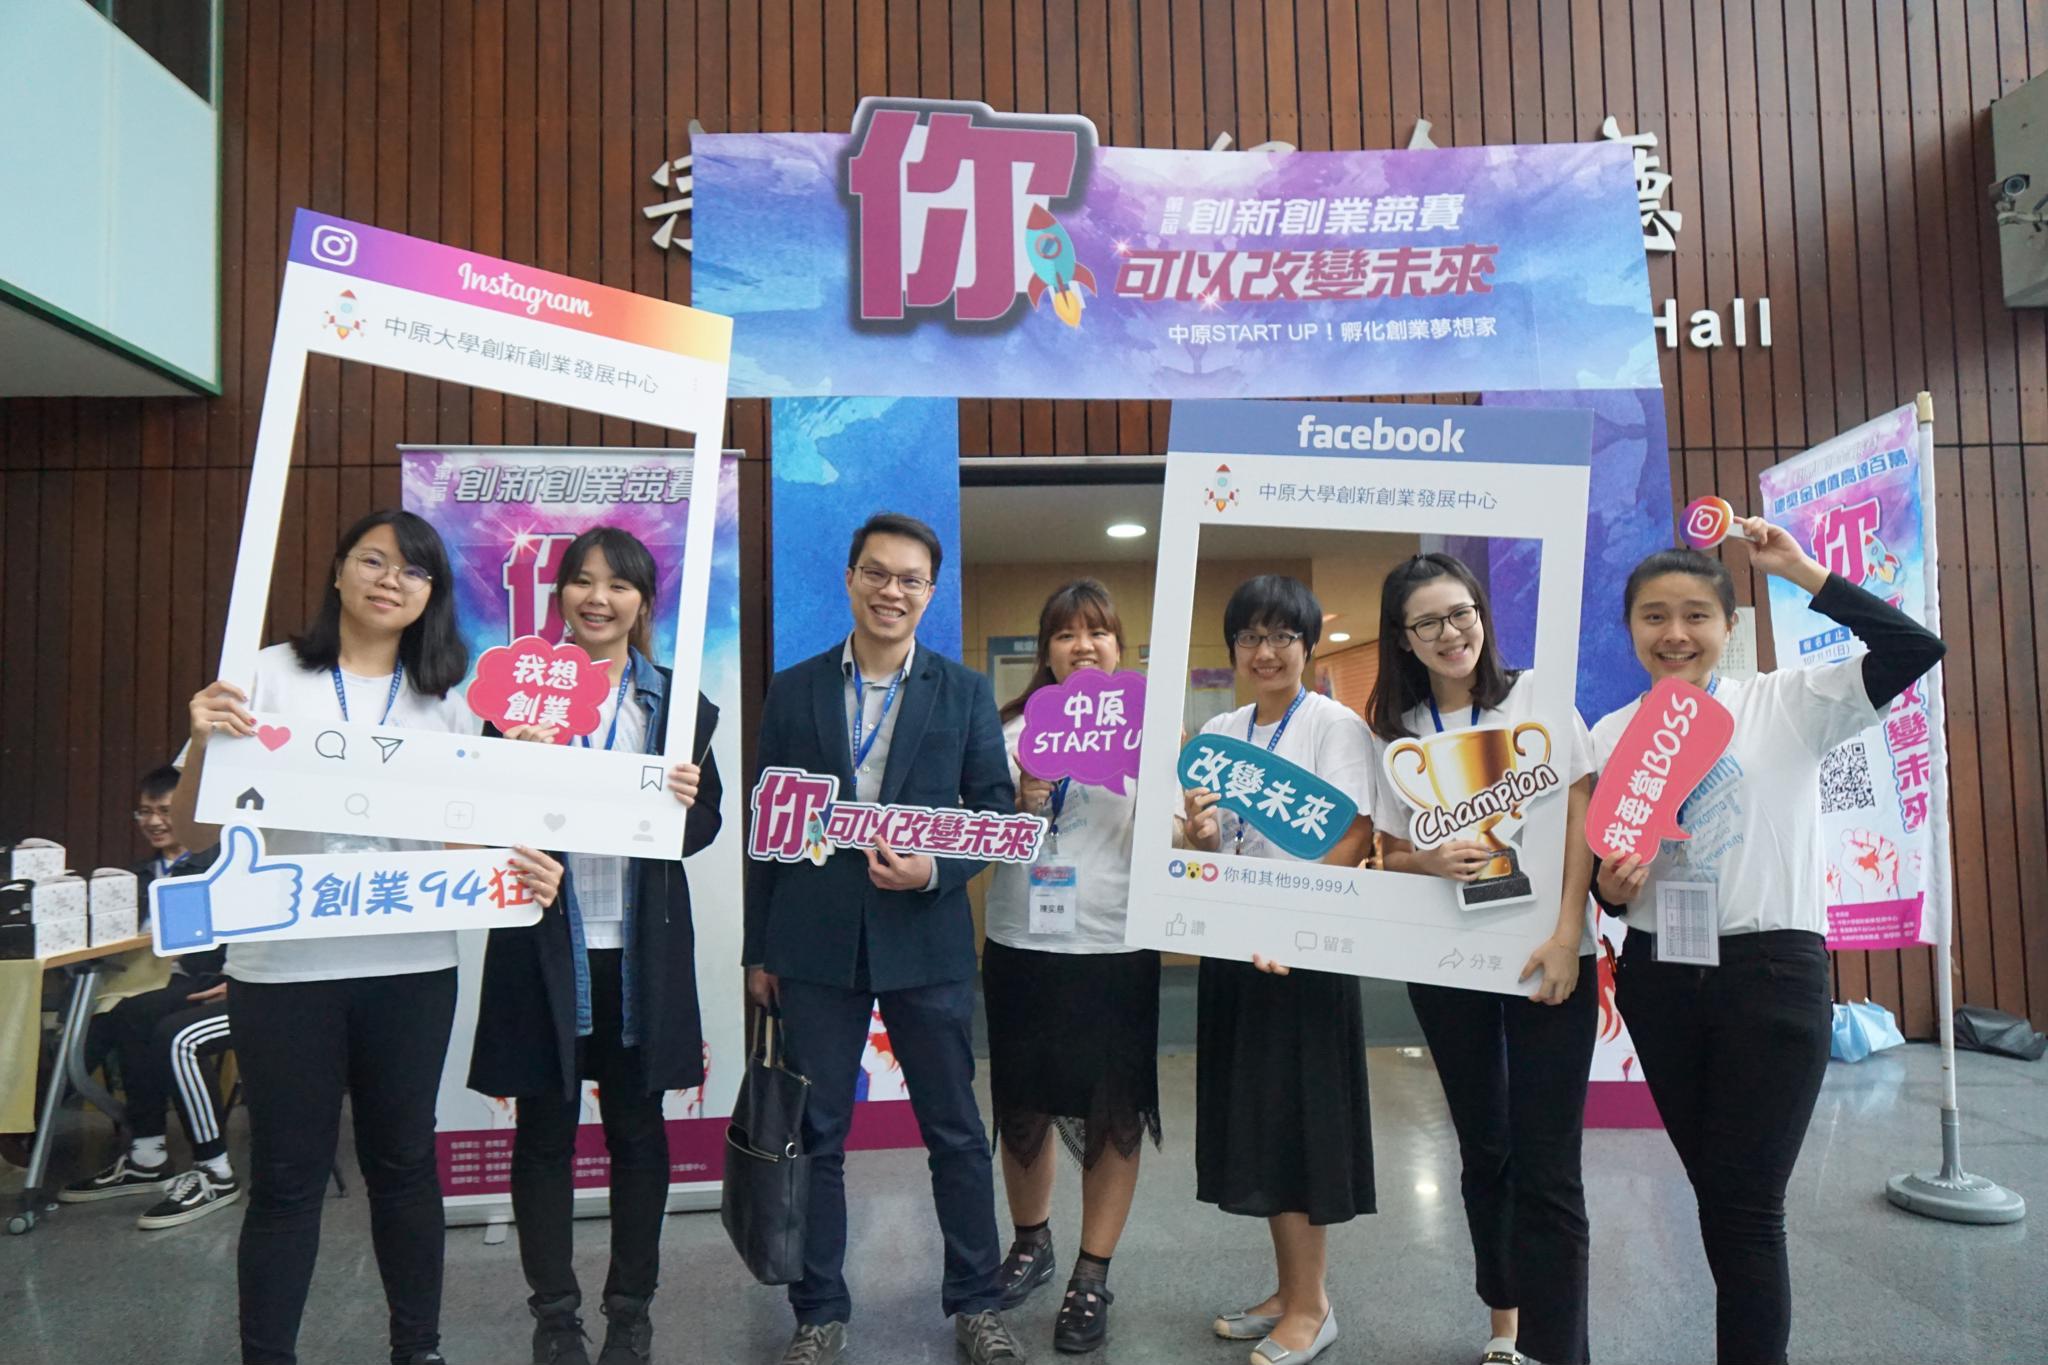 中原大學創新創業競賽 號召青年一起用創意改變未來